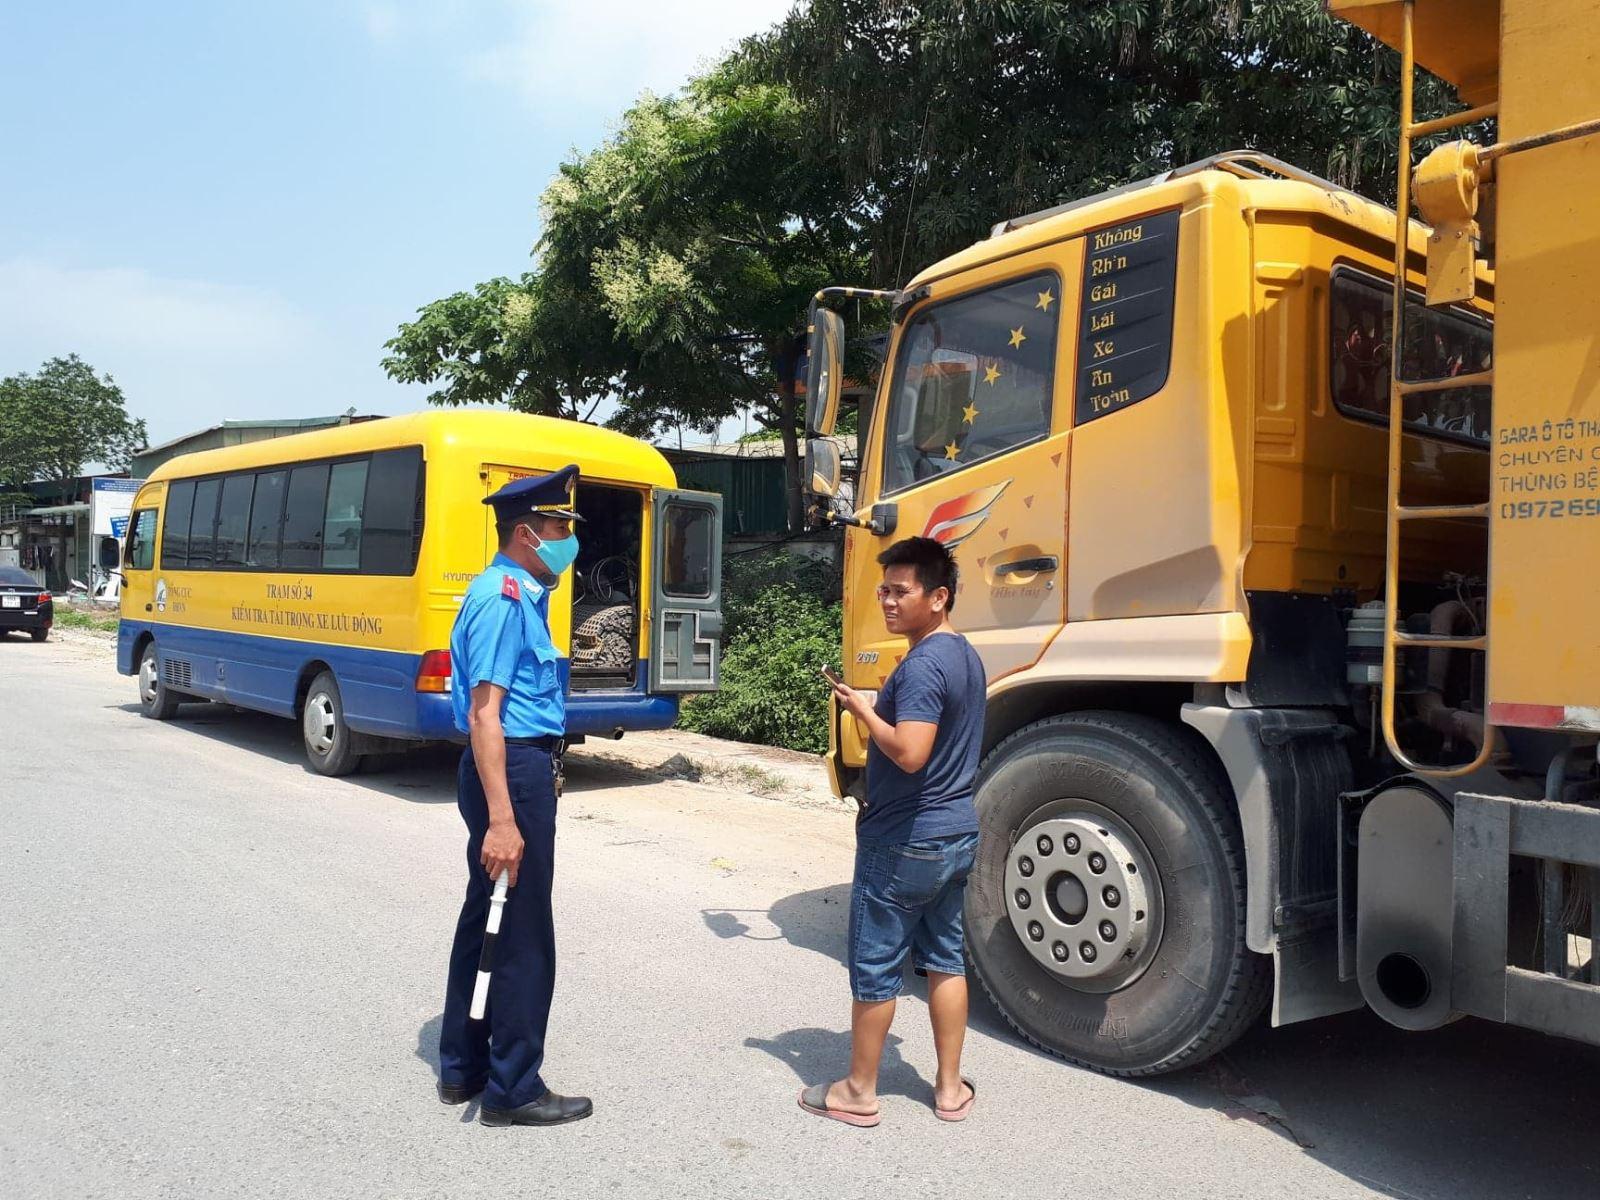 Xe lưu thông không được vượt quá trọng lượng cho phép